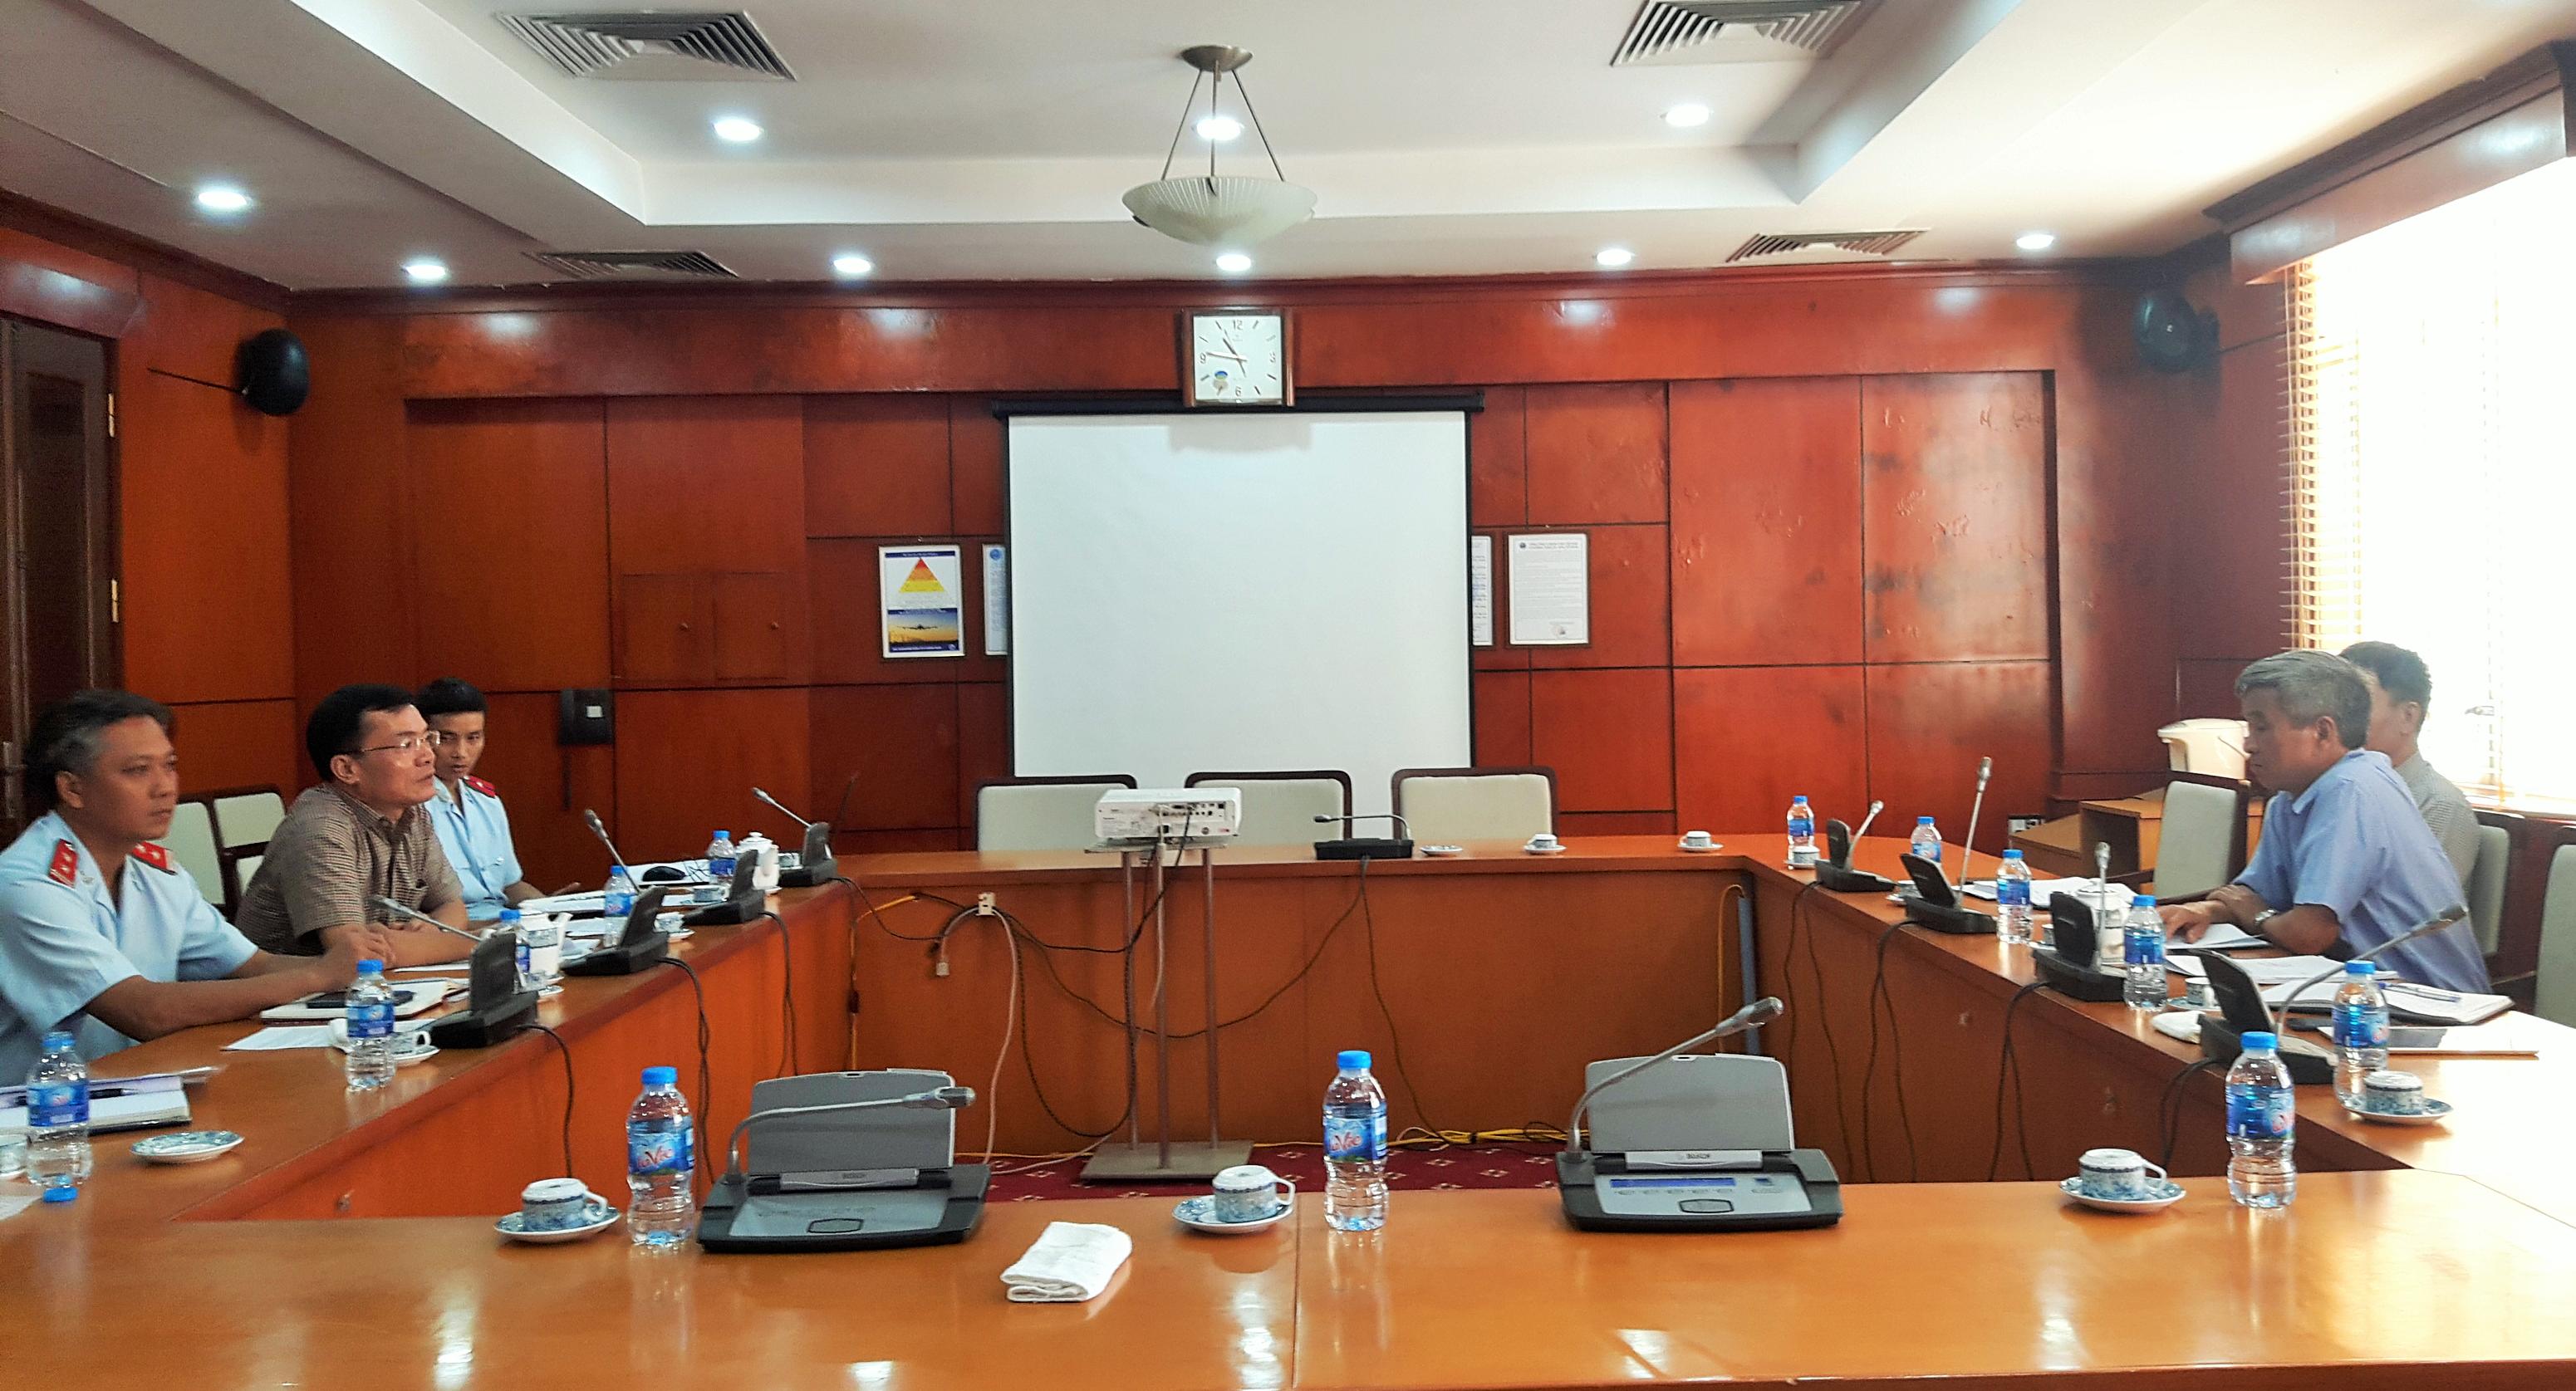 Thanh tra việc chấp hành các quy định của pháp luật về tần số vô tuyến điện đối với Tổng công ty Quản lý bay Việt Nam